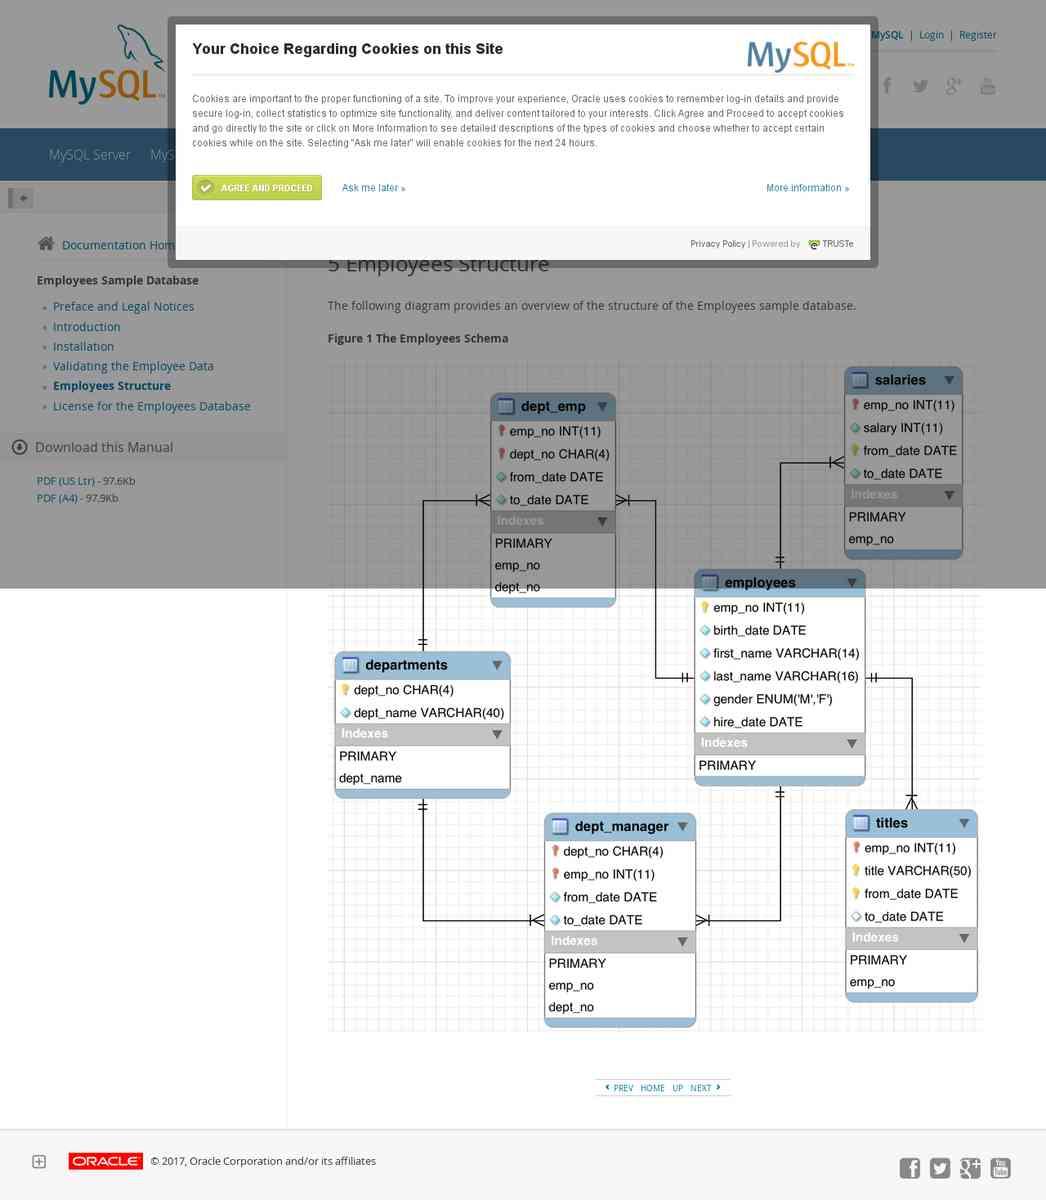 MySQL :: Employees Sample Database :: 5 Employees Structure